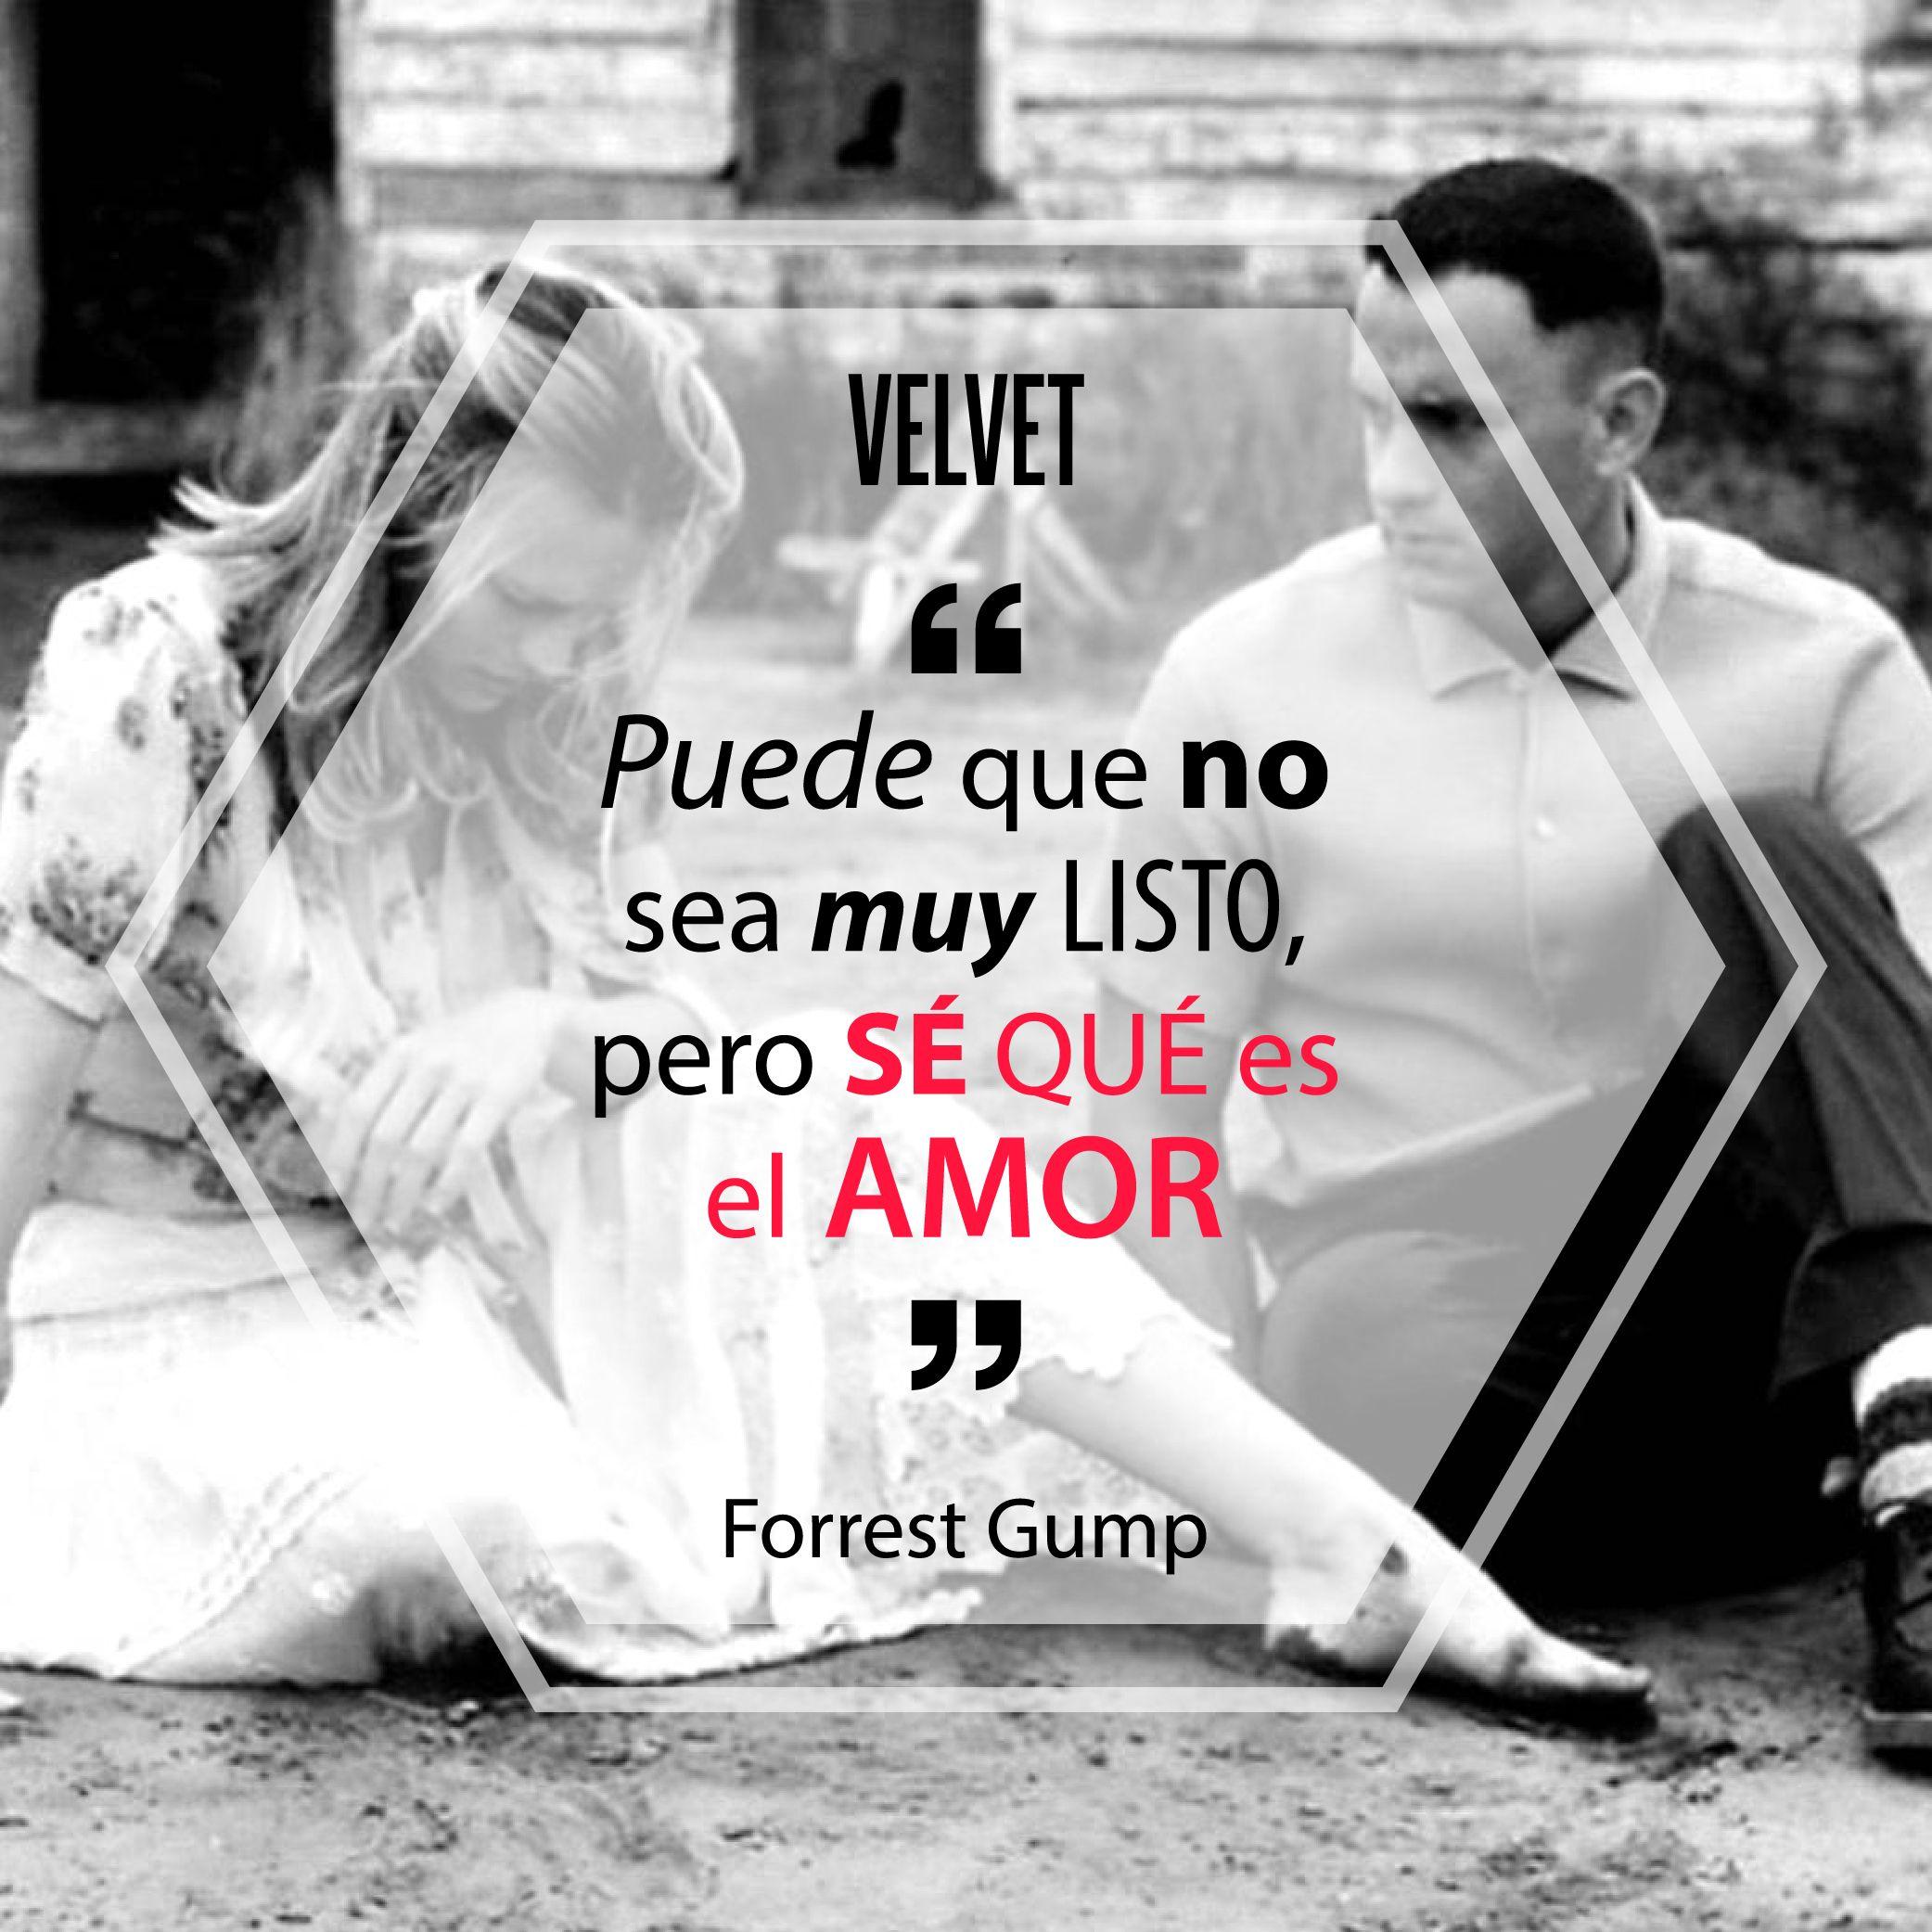 """""""Puede que no seas muy listo, pero sé qué es el amor"""" Forrest Gump, 1994."""